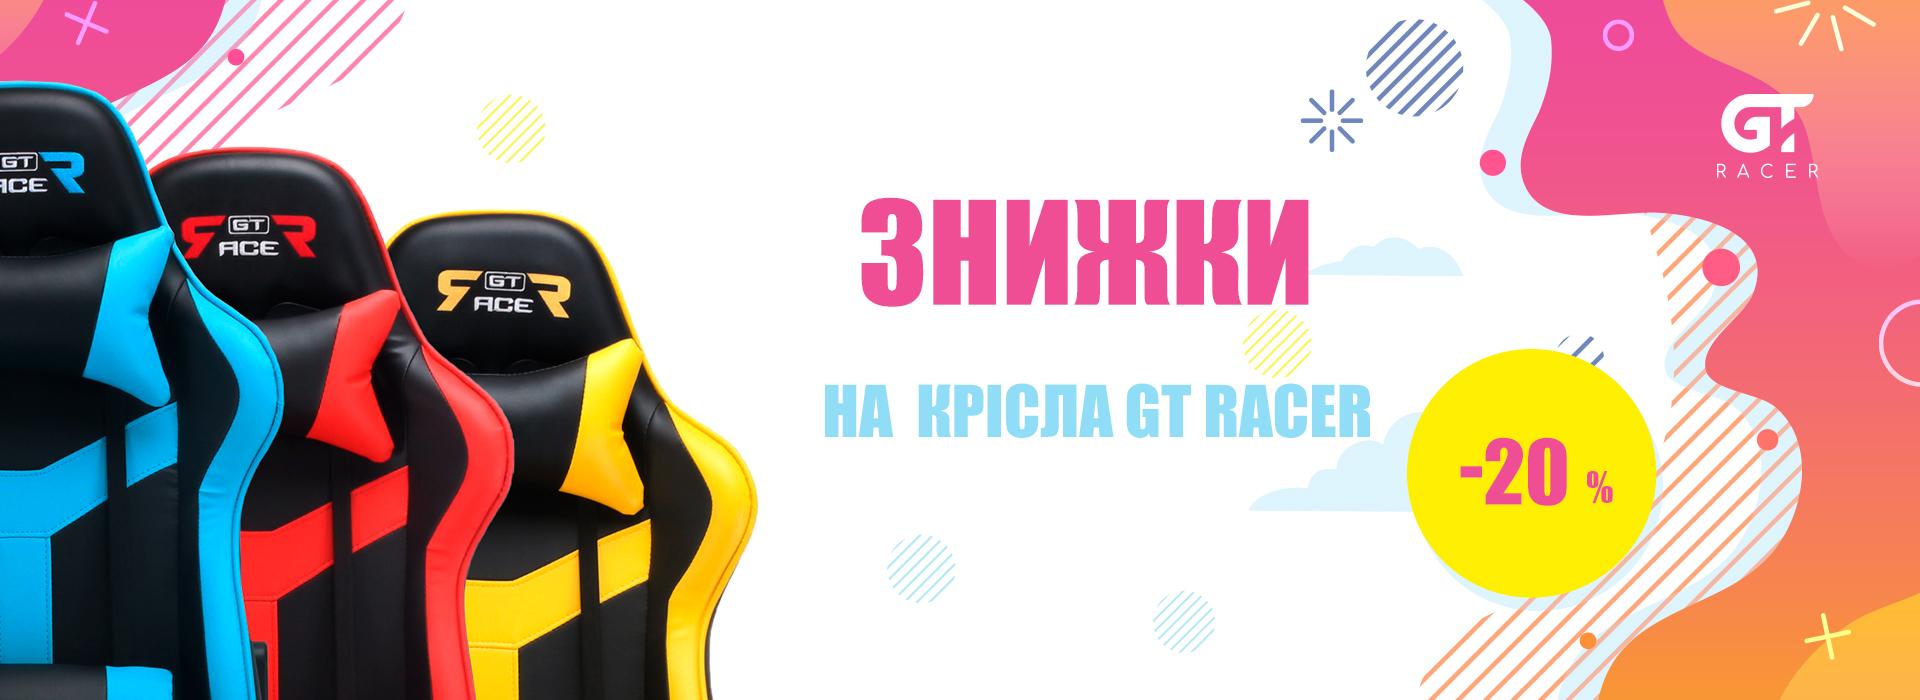 Акція Знижка 20% на Gt Racer